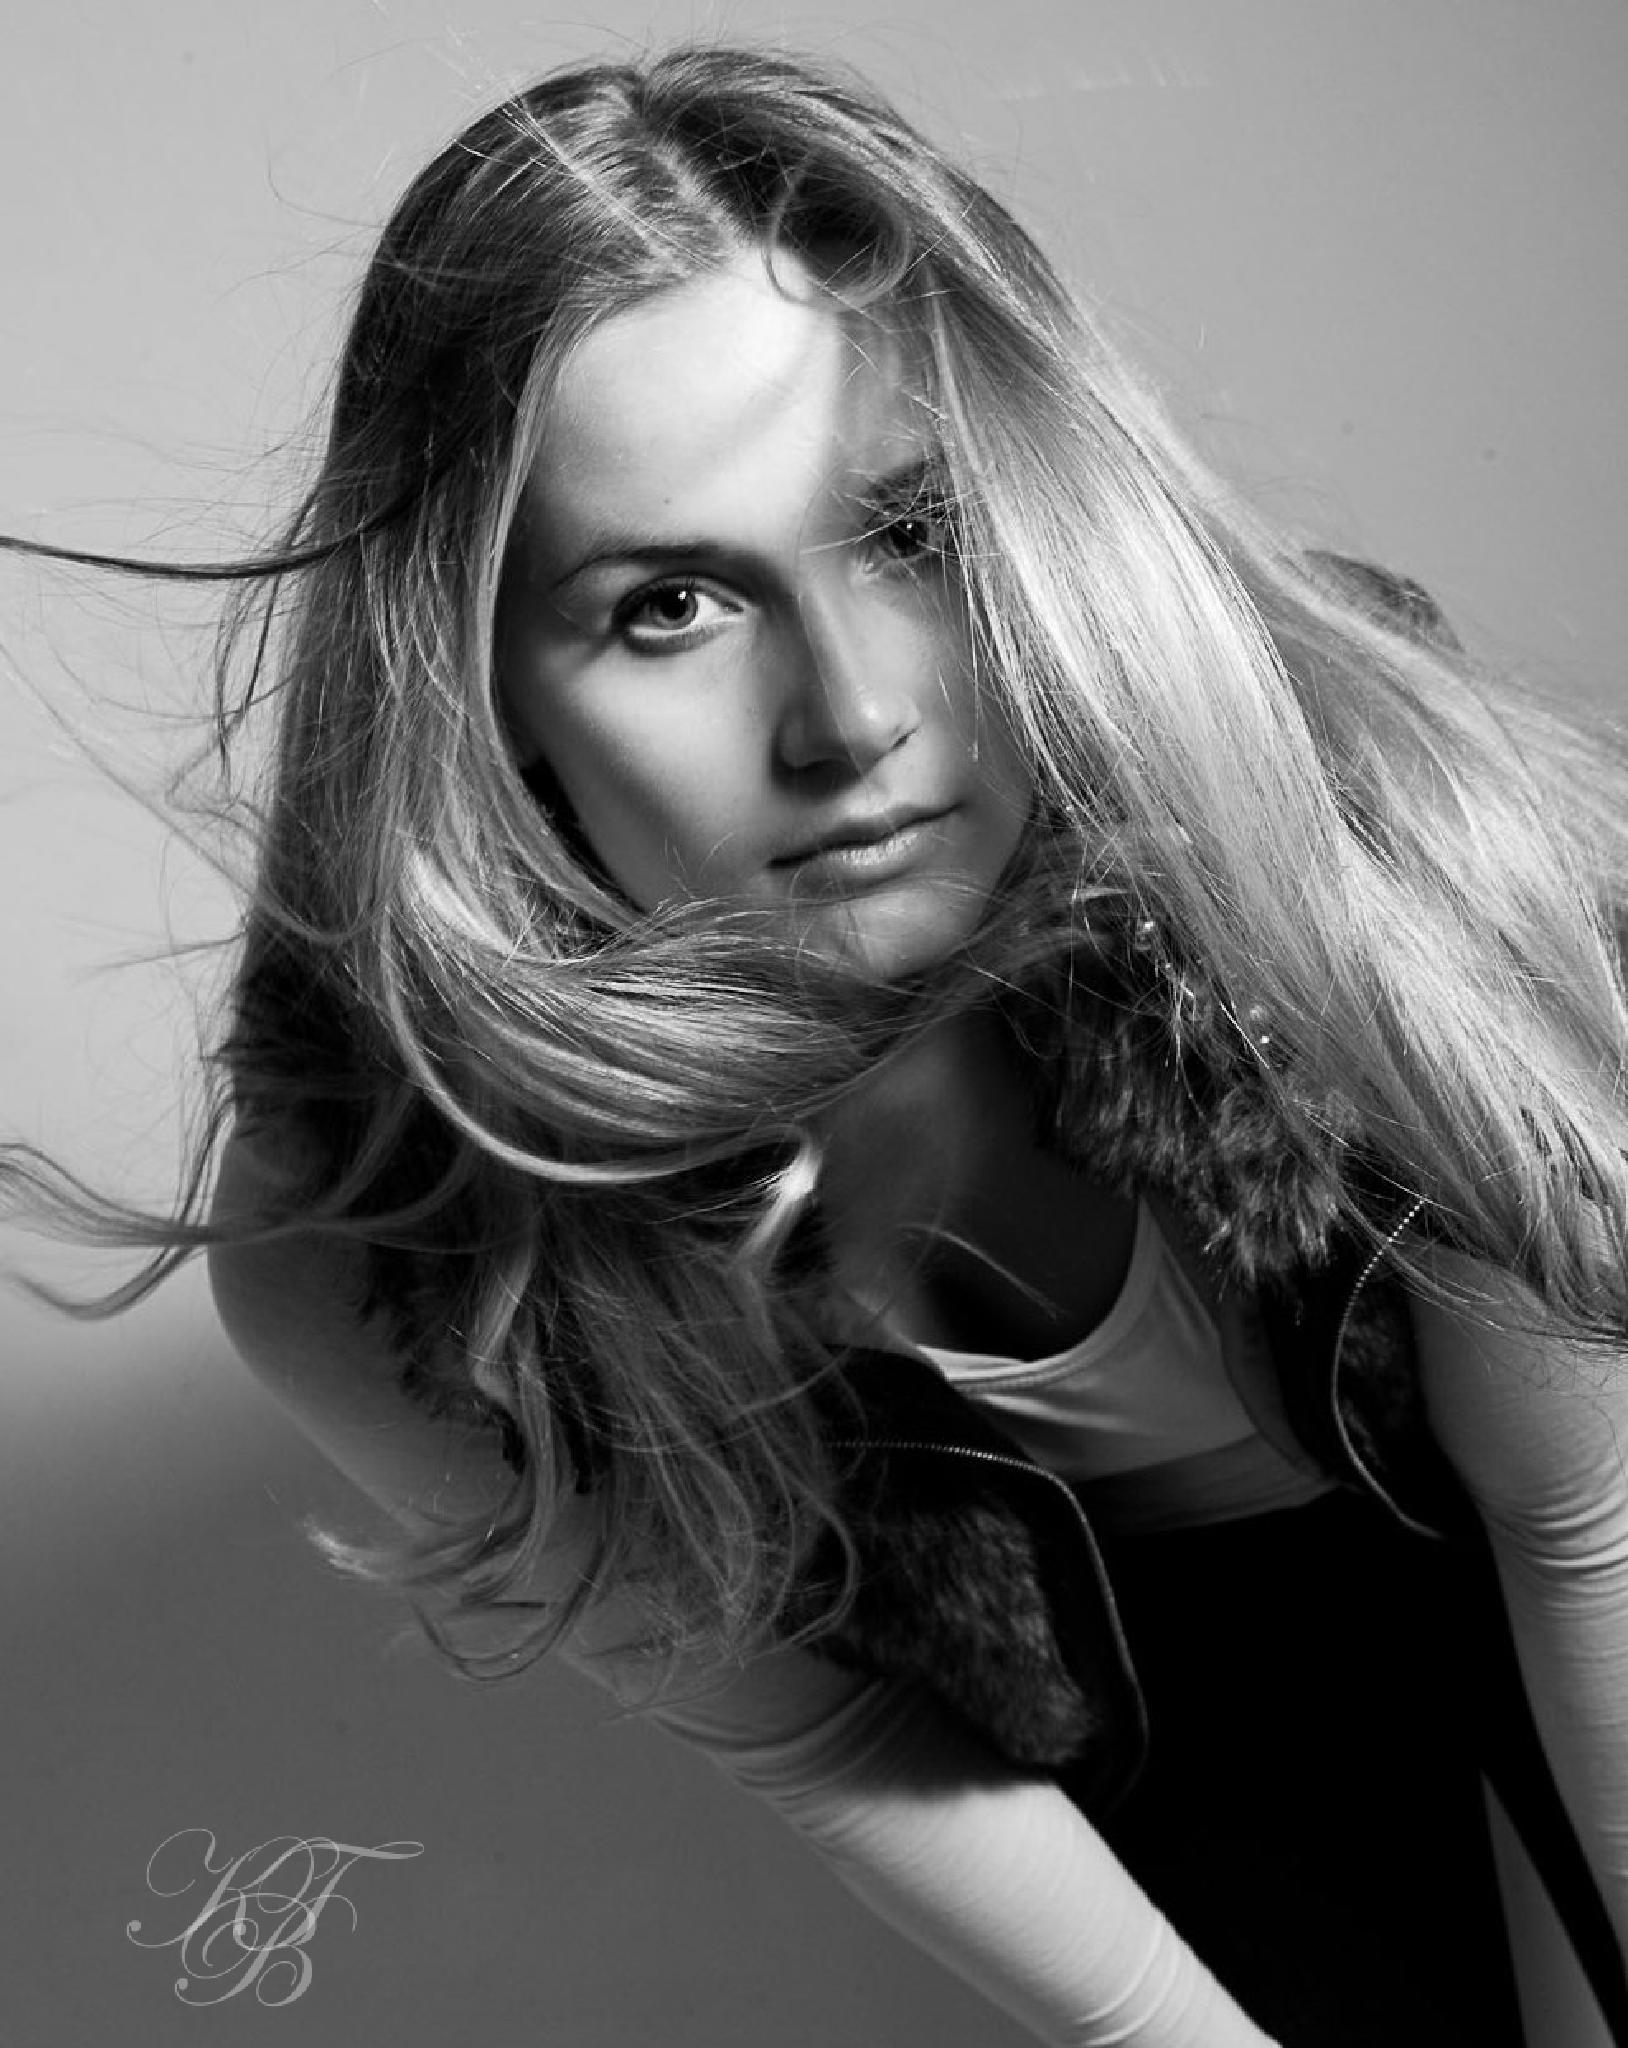 female Portrait by Pixforce